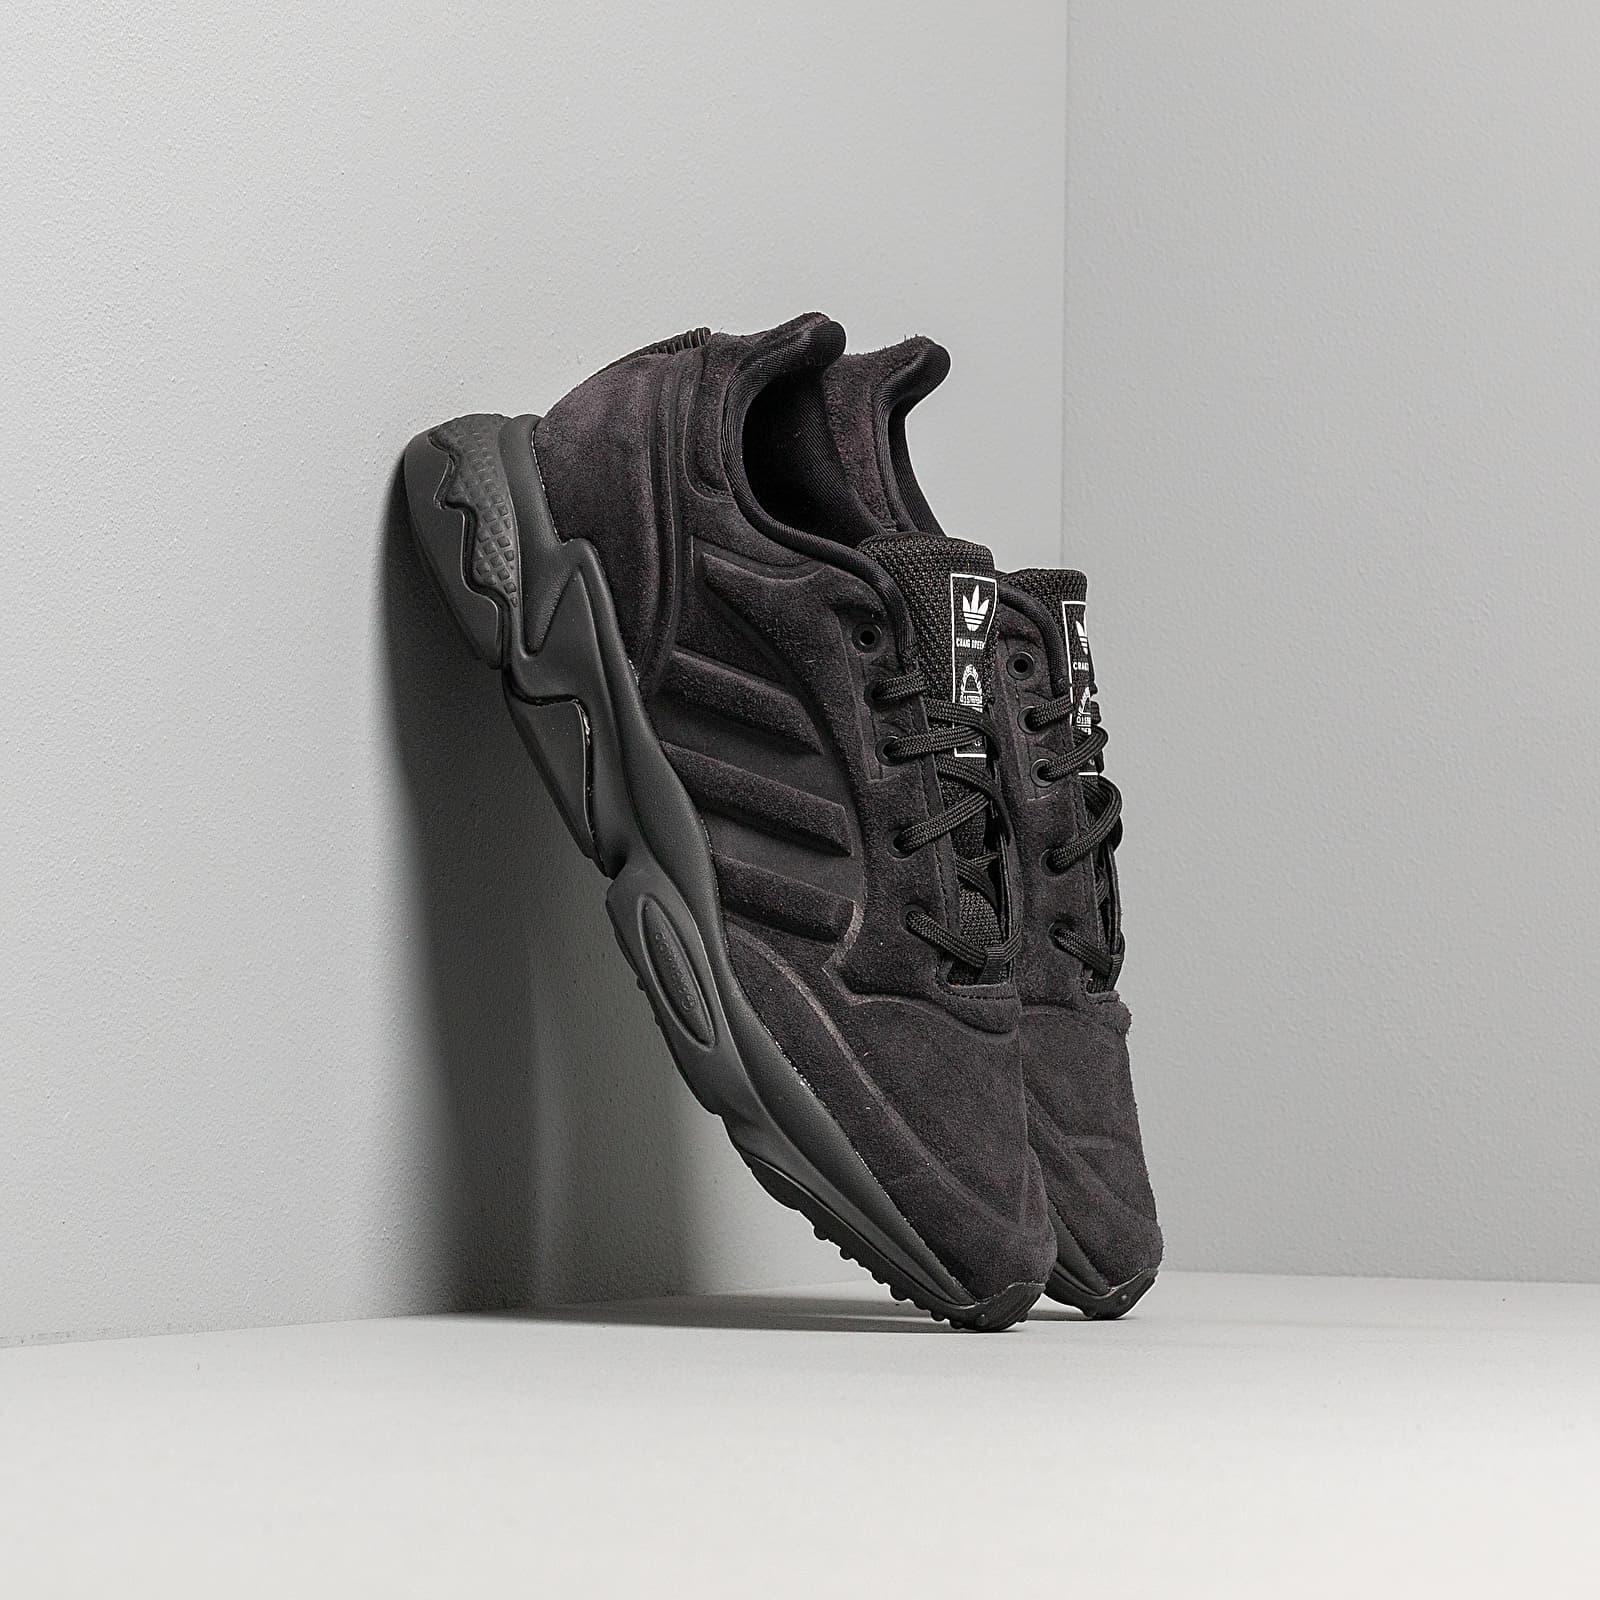 Nízké tenisky a boty adidas x Craig Green Kontuur II Core Black/ Core Black/ Core Black